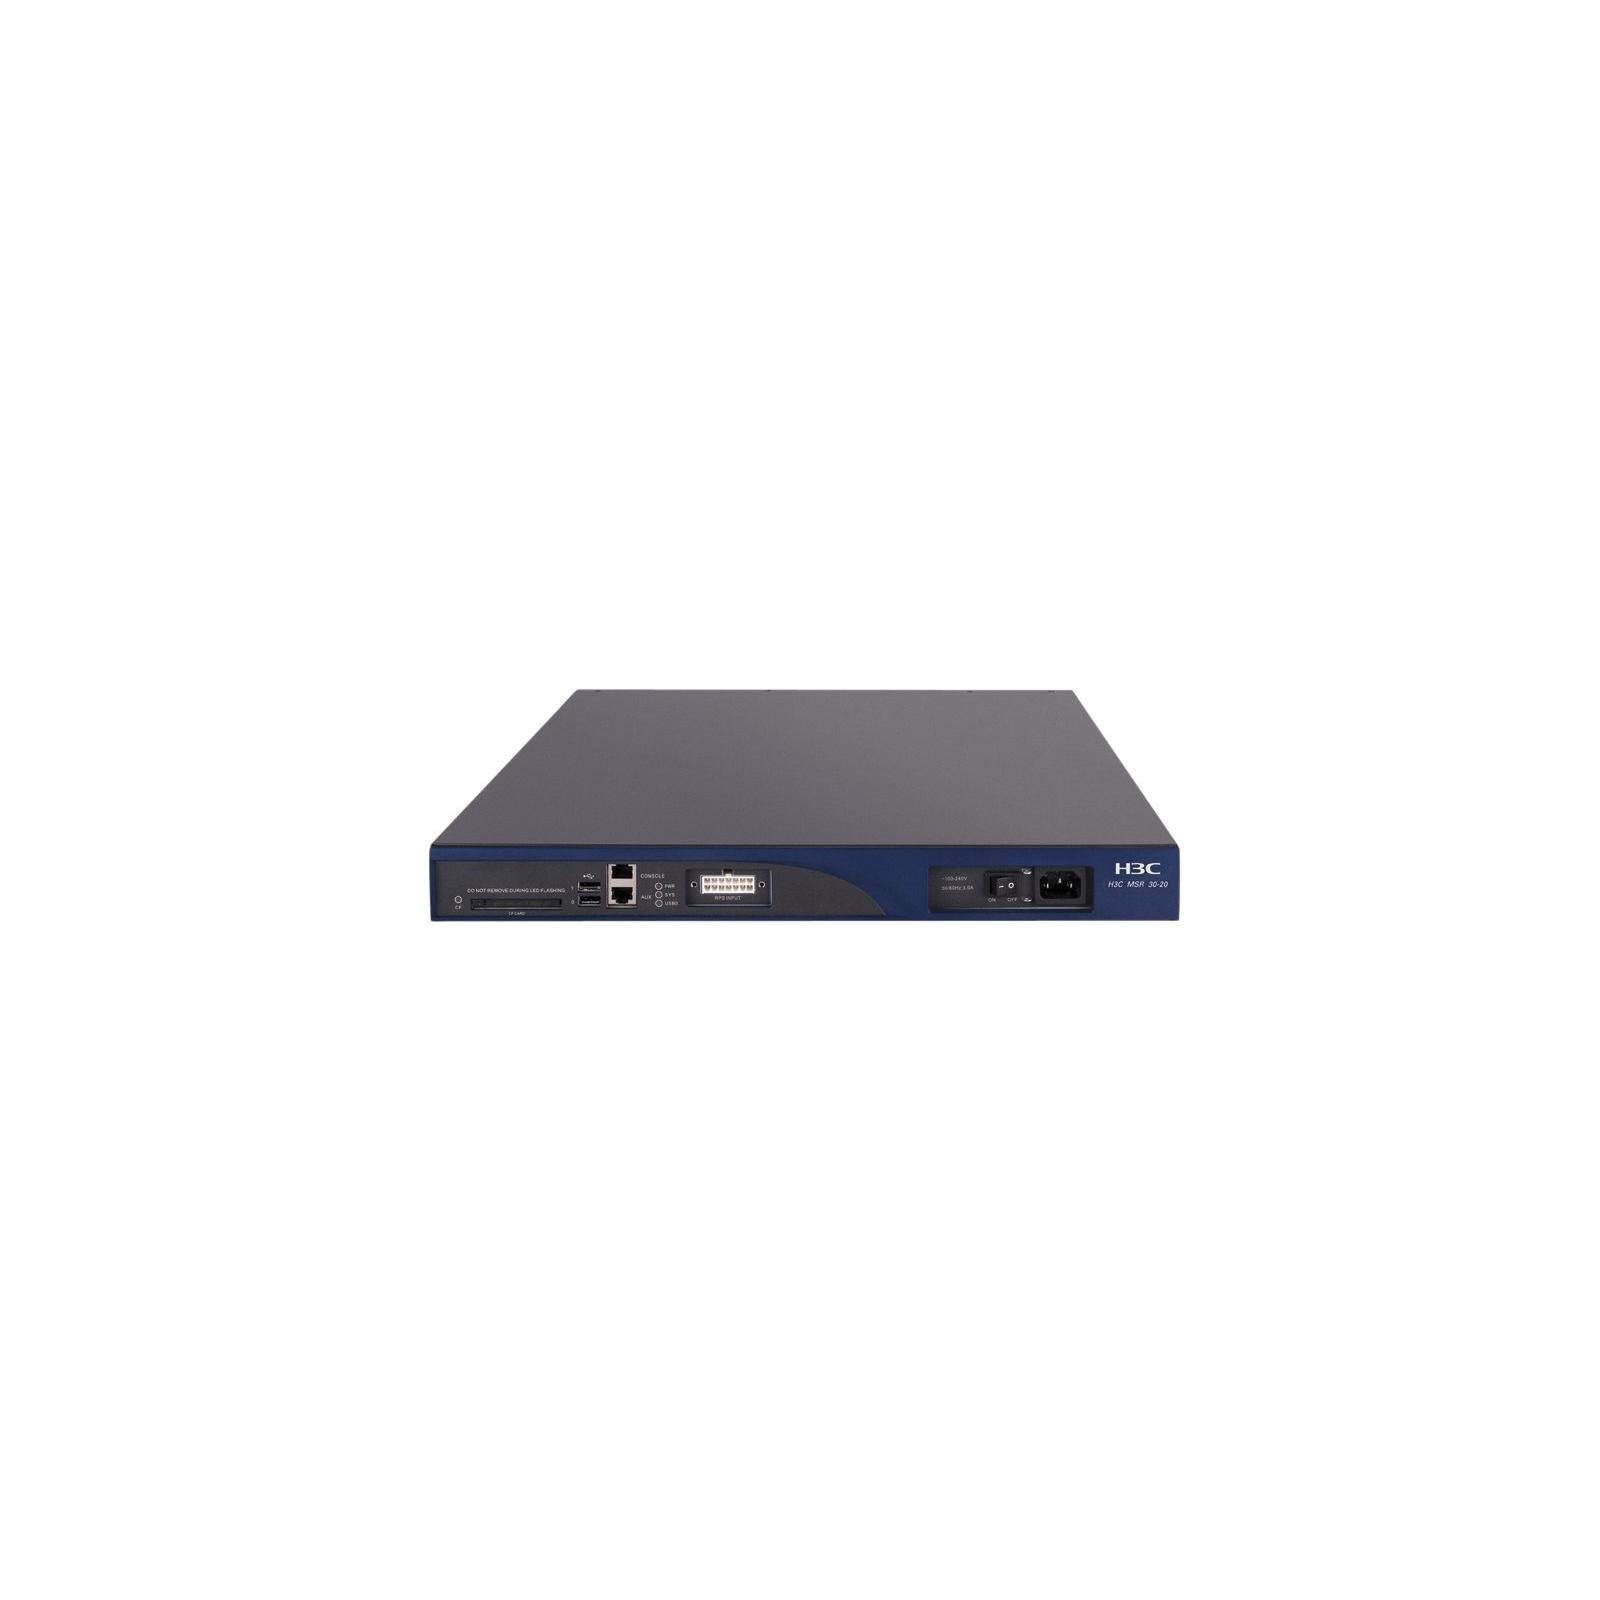 Маршрутизатор HP MSR30-20 (JF284A) изображение 2